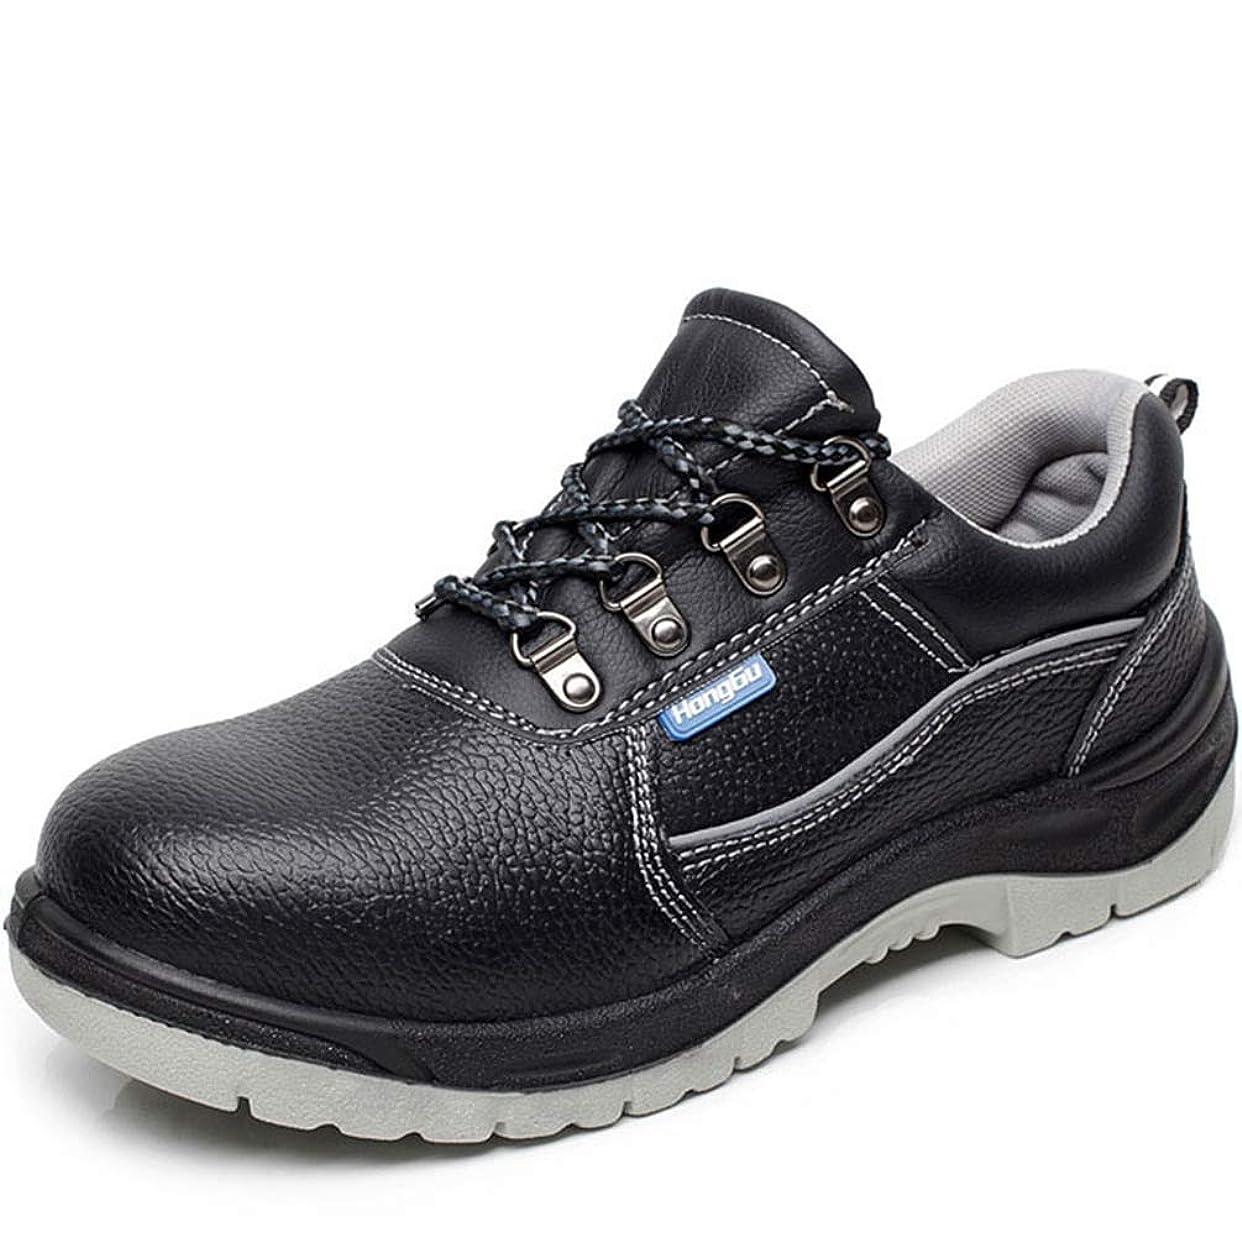 砲撃気難しい愛国的な[Volerii] セーフティシューズ 作業靴 保護靴 安全シューズ メンズ アンチショック クッション性 つま先保護プレート 踏み抜き防止 四季通用 ローカット 耐滑 耐久性 耐酸 耐アルカリ 耐久性抜群 疲れにくい 通勤